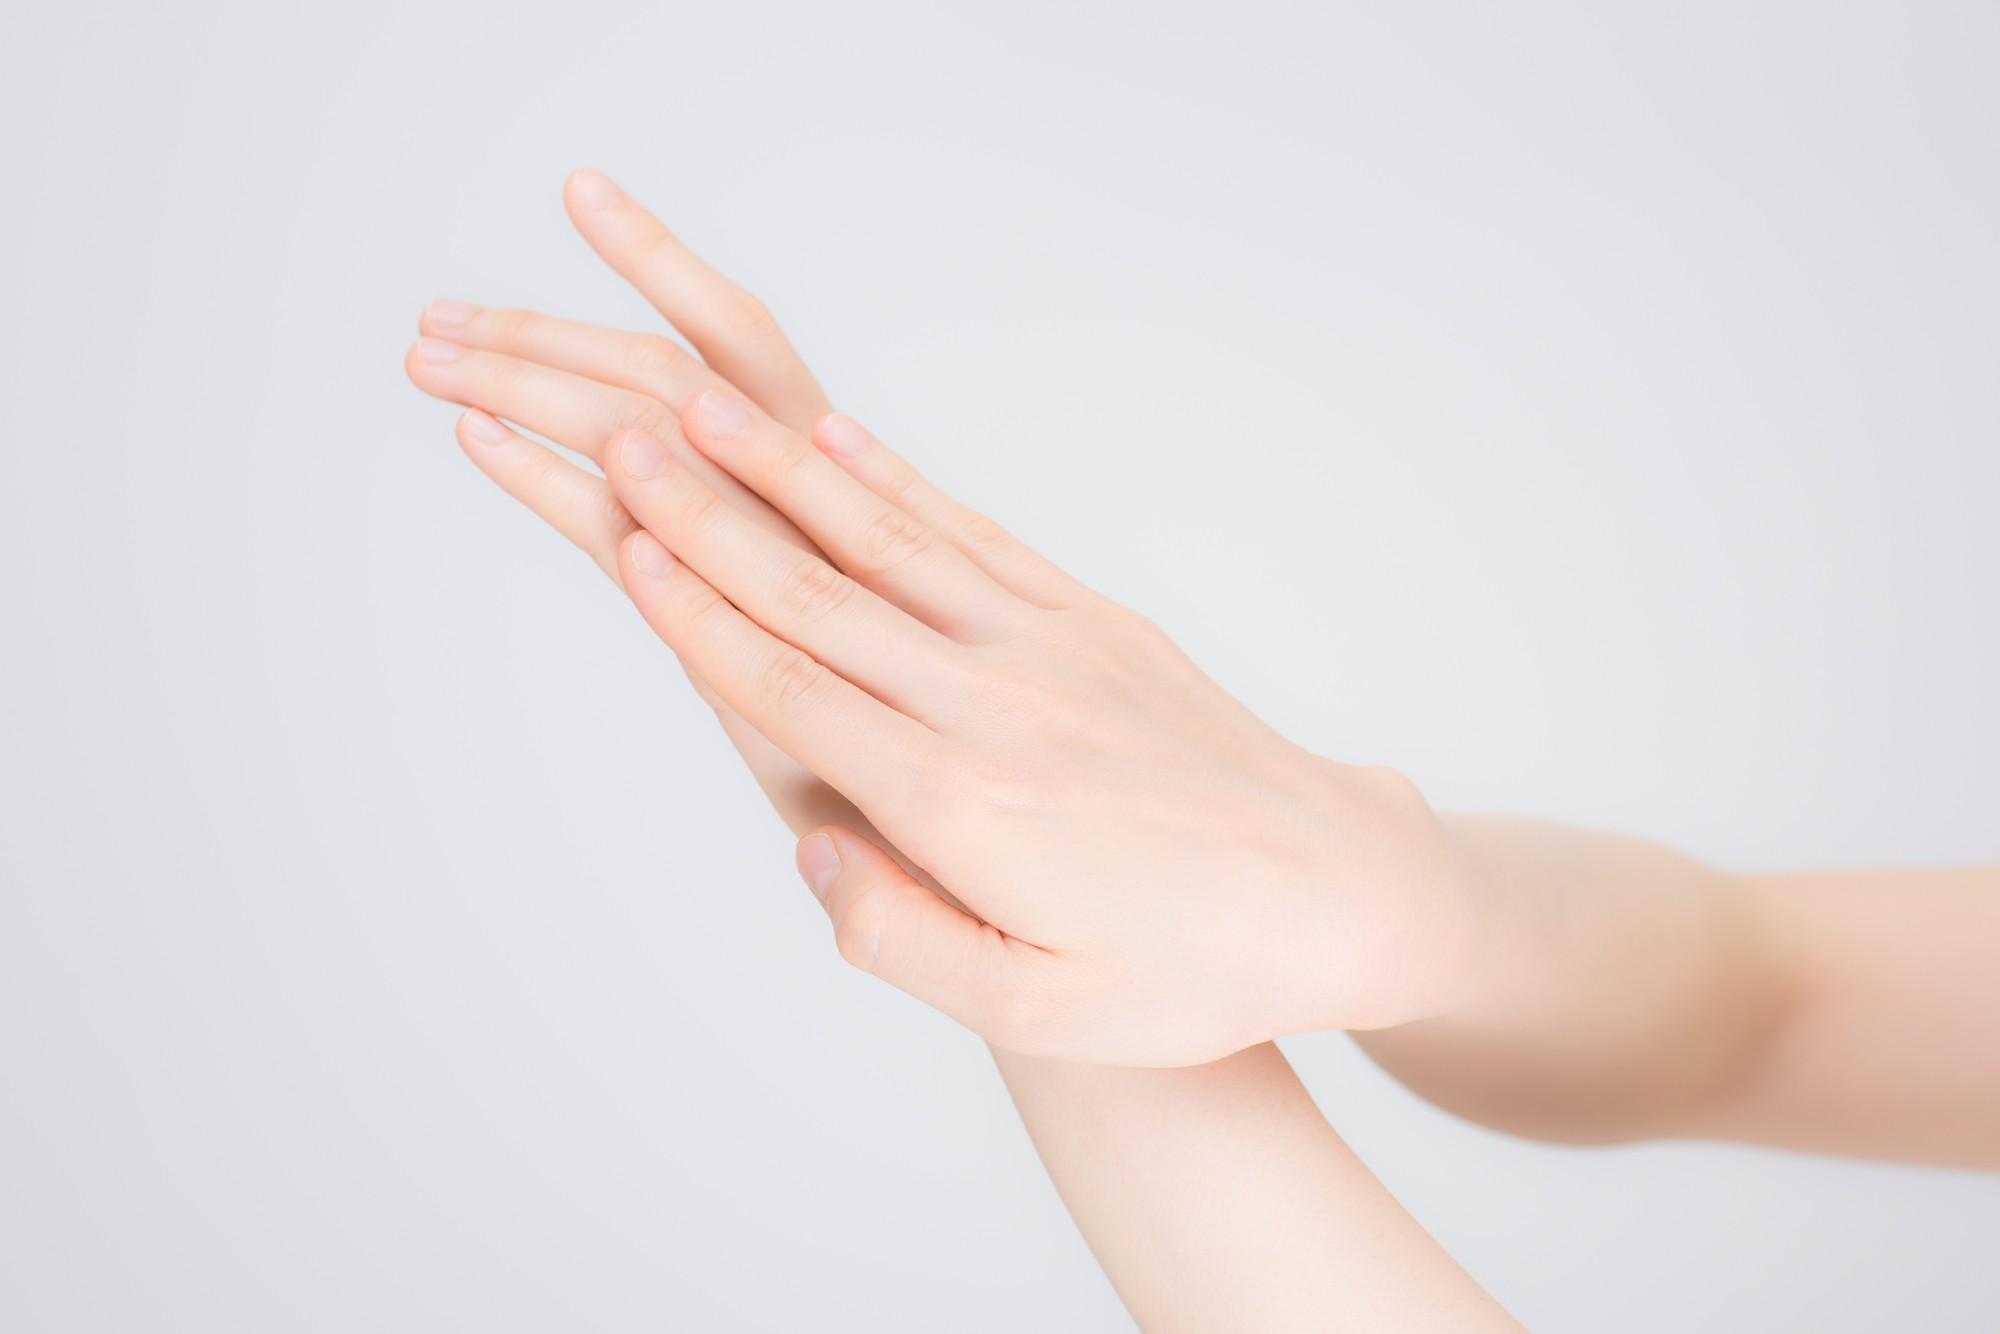 皮膚トラブルを招く日常習慣と対策